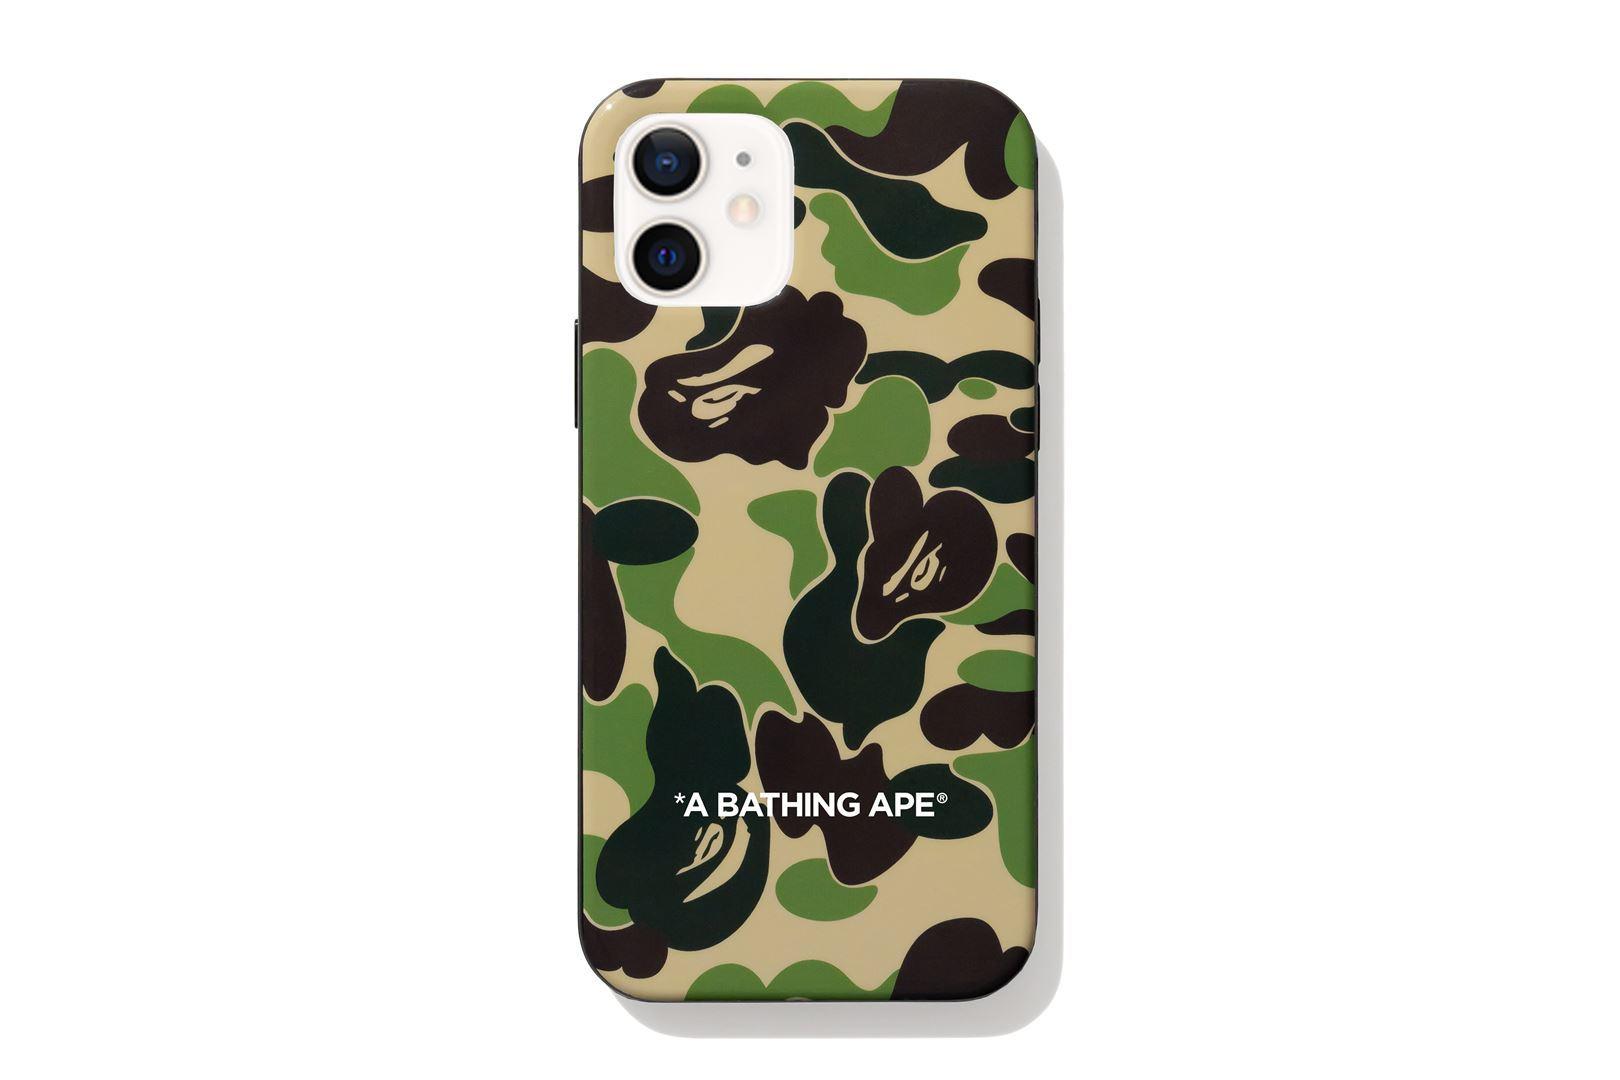 ABC CAMO iPhone 12 / 12 PRO / 12 PRO MAX / 12 MINI CASE_a0174495_13571179.jpg